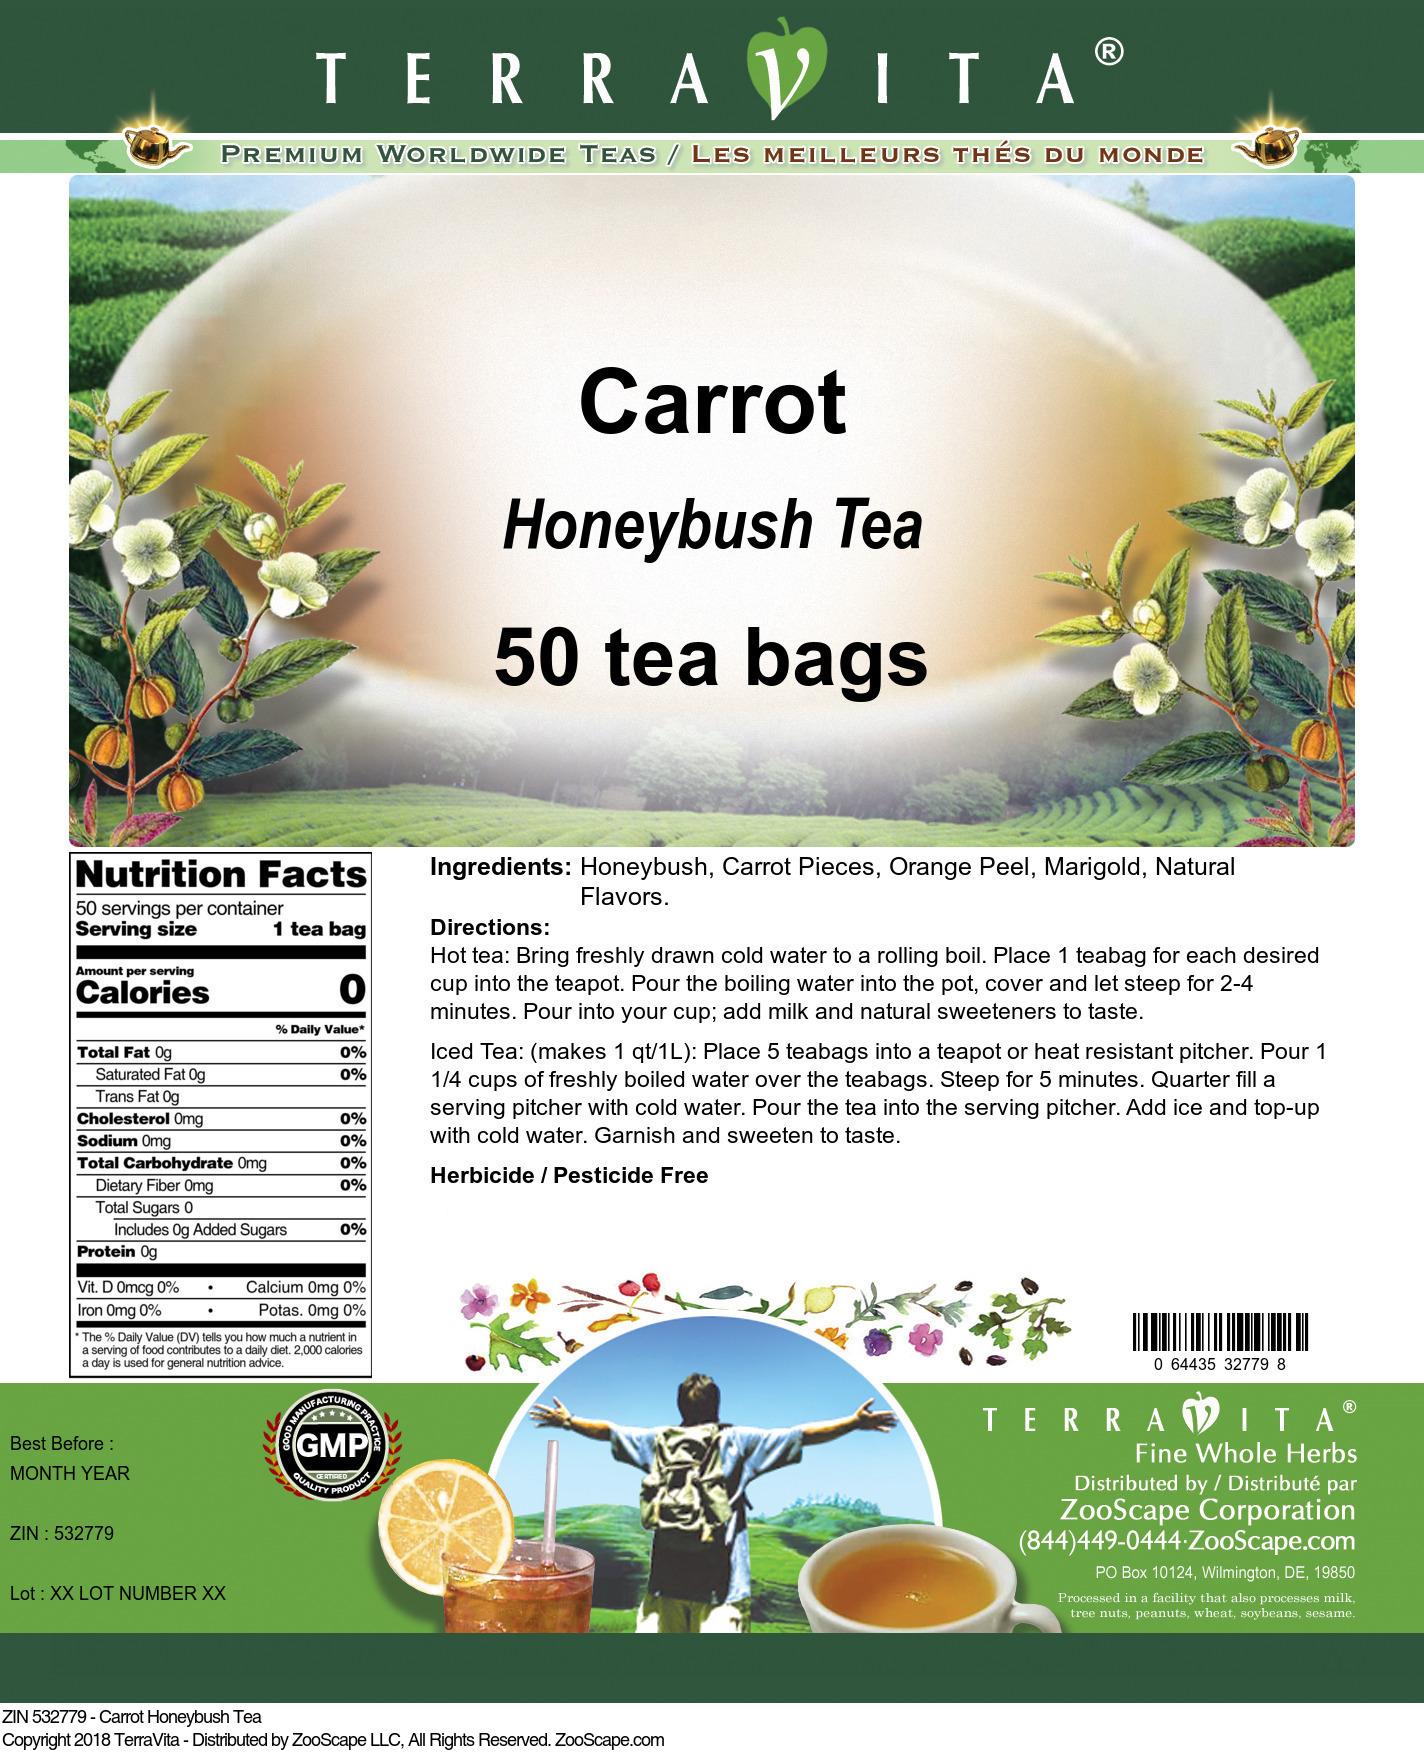 Carrot Honeybush Tea